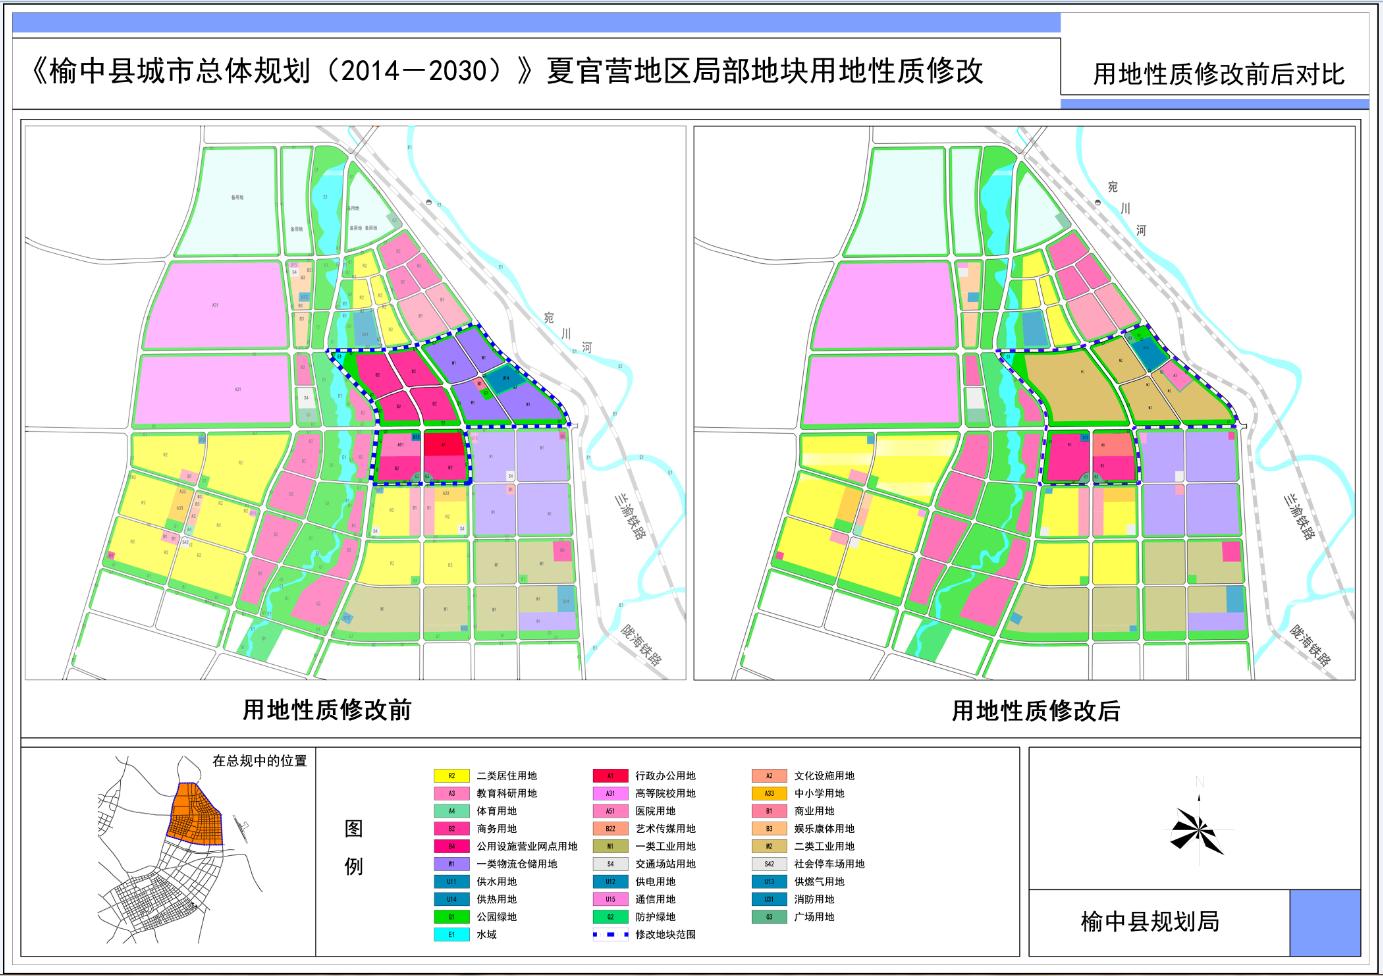 榆中县城市总体规划局部用地性质调整 涉及夏官营三角城等地区